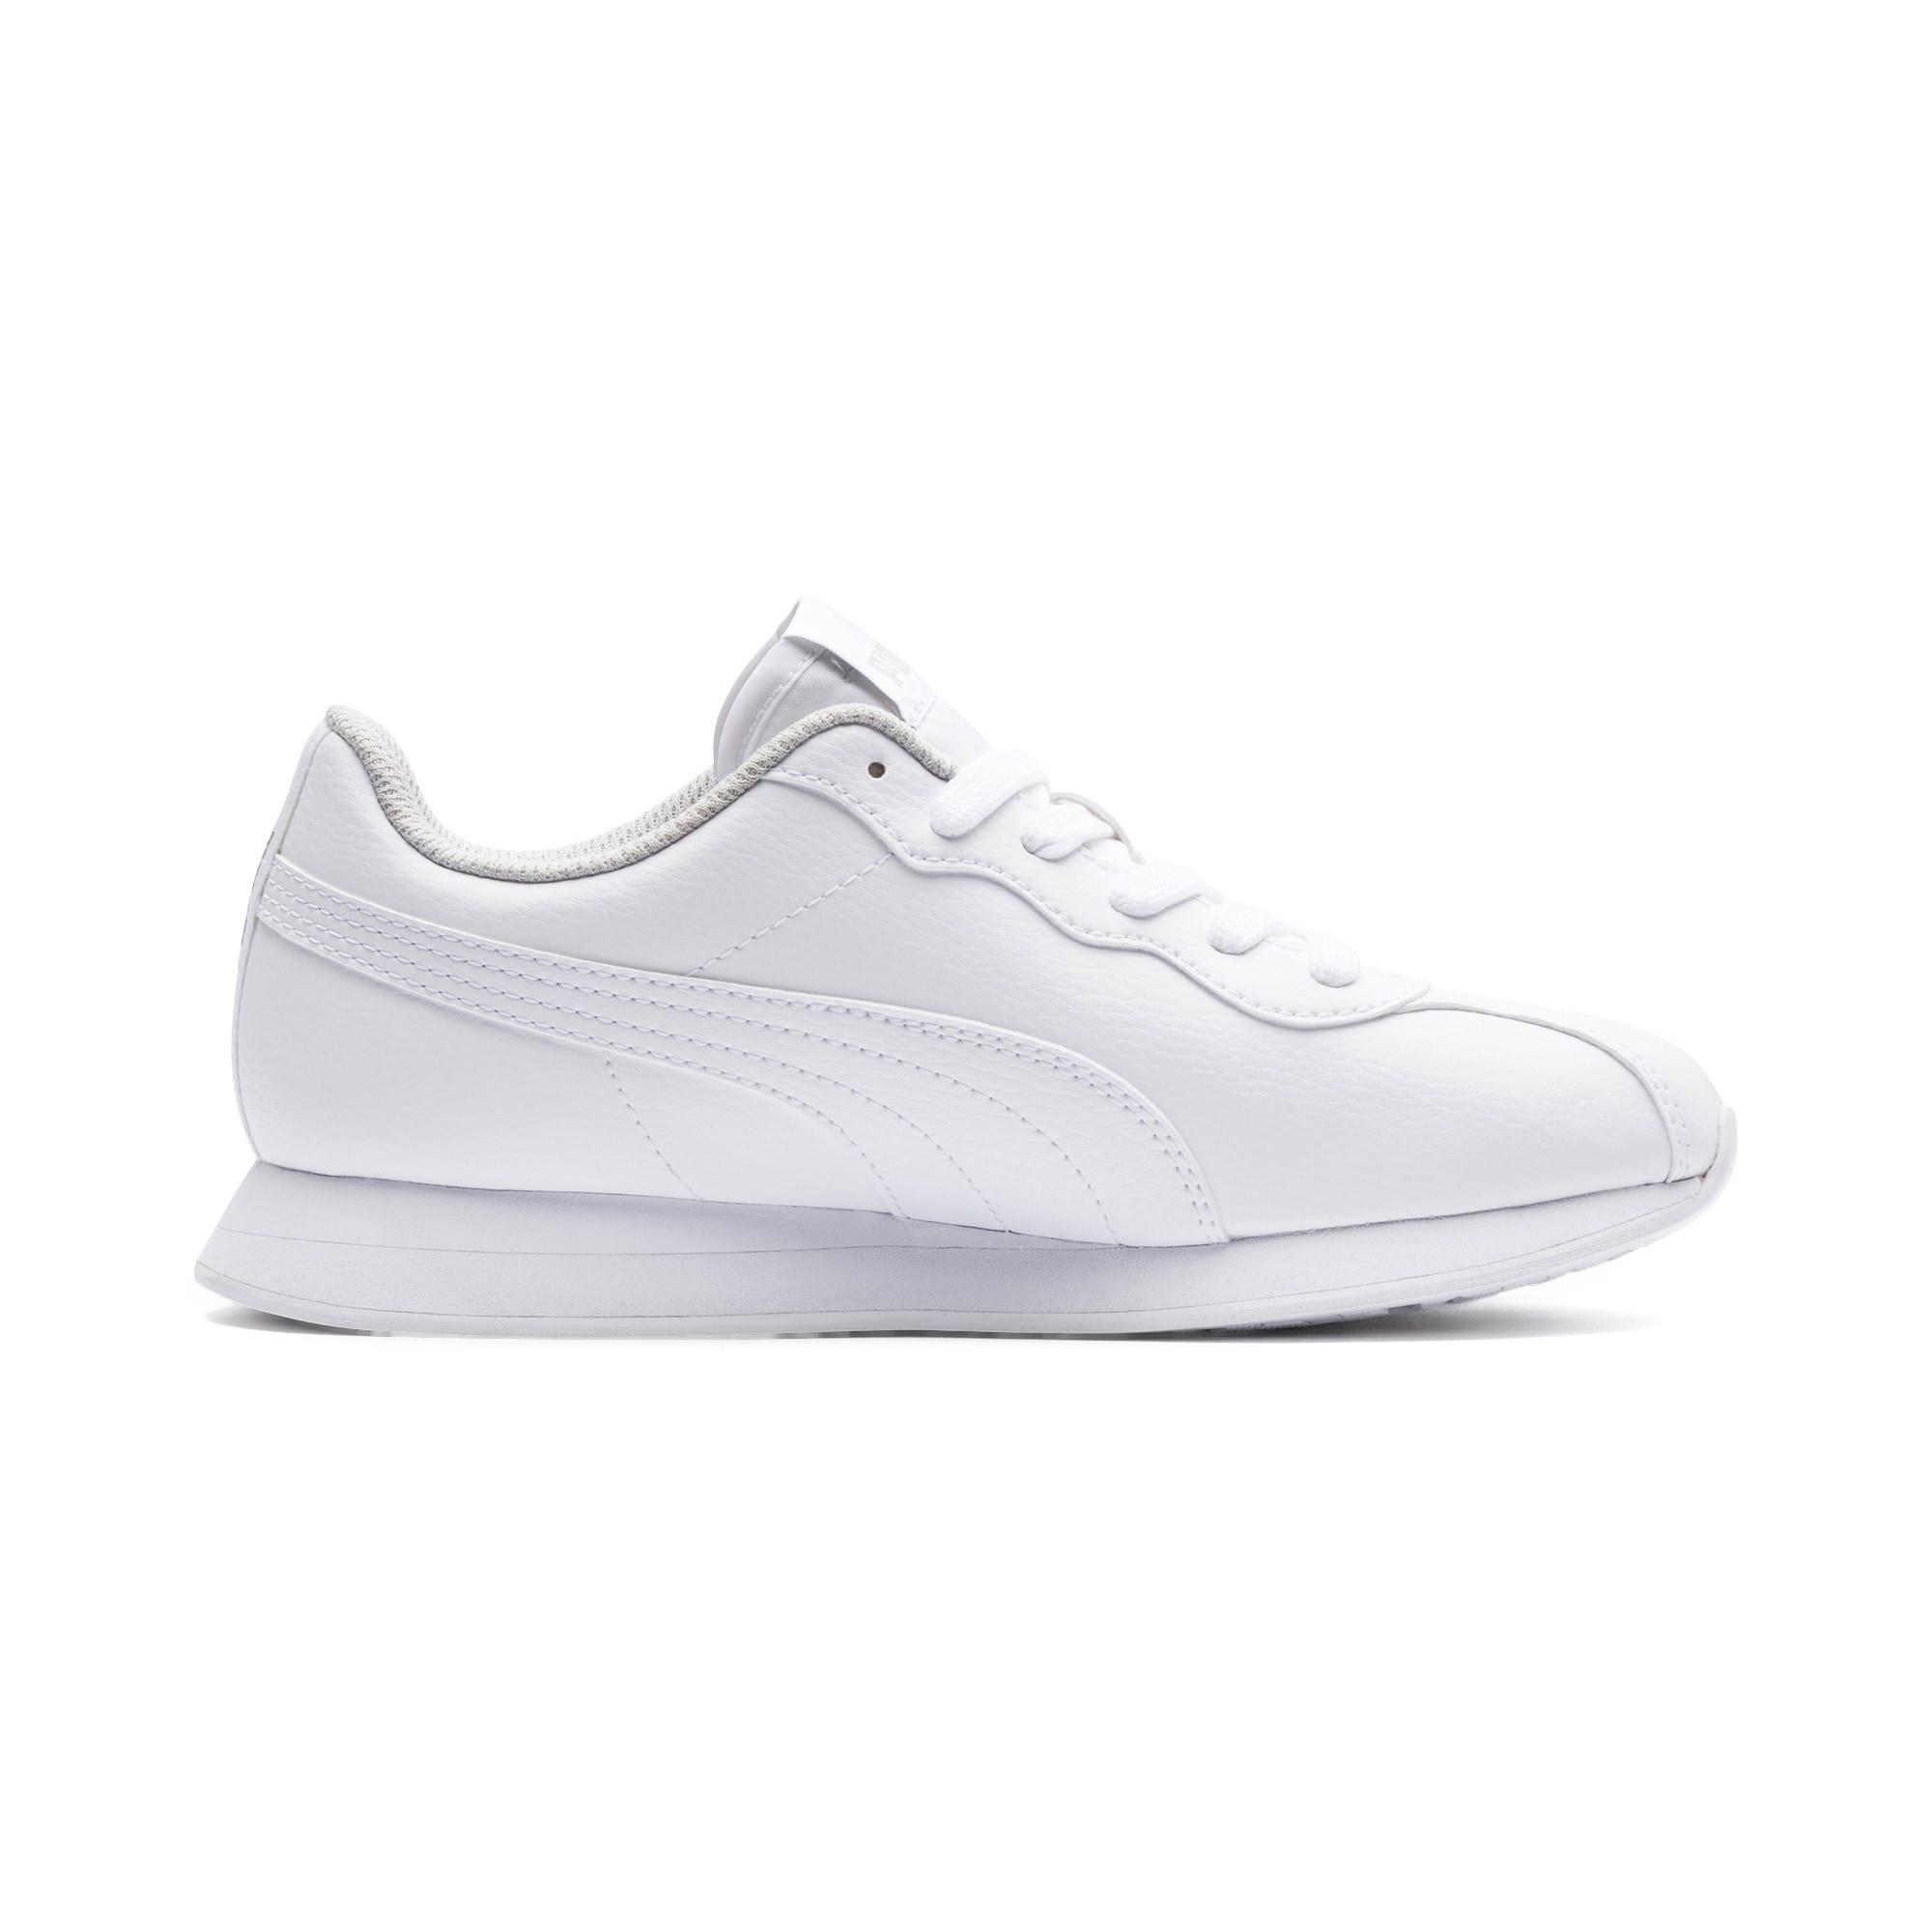 Thumbnail 5 of Turin II Sneakers JR, Puma White-Puma White, medium